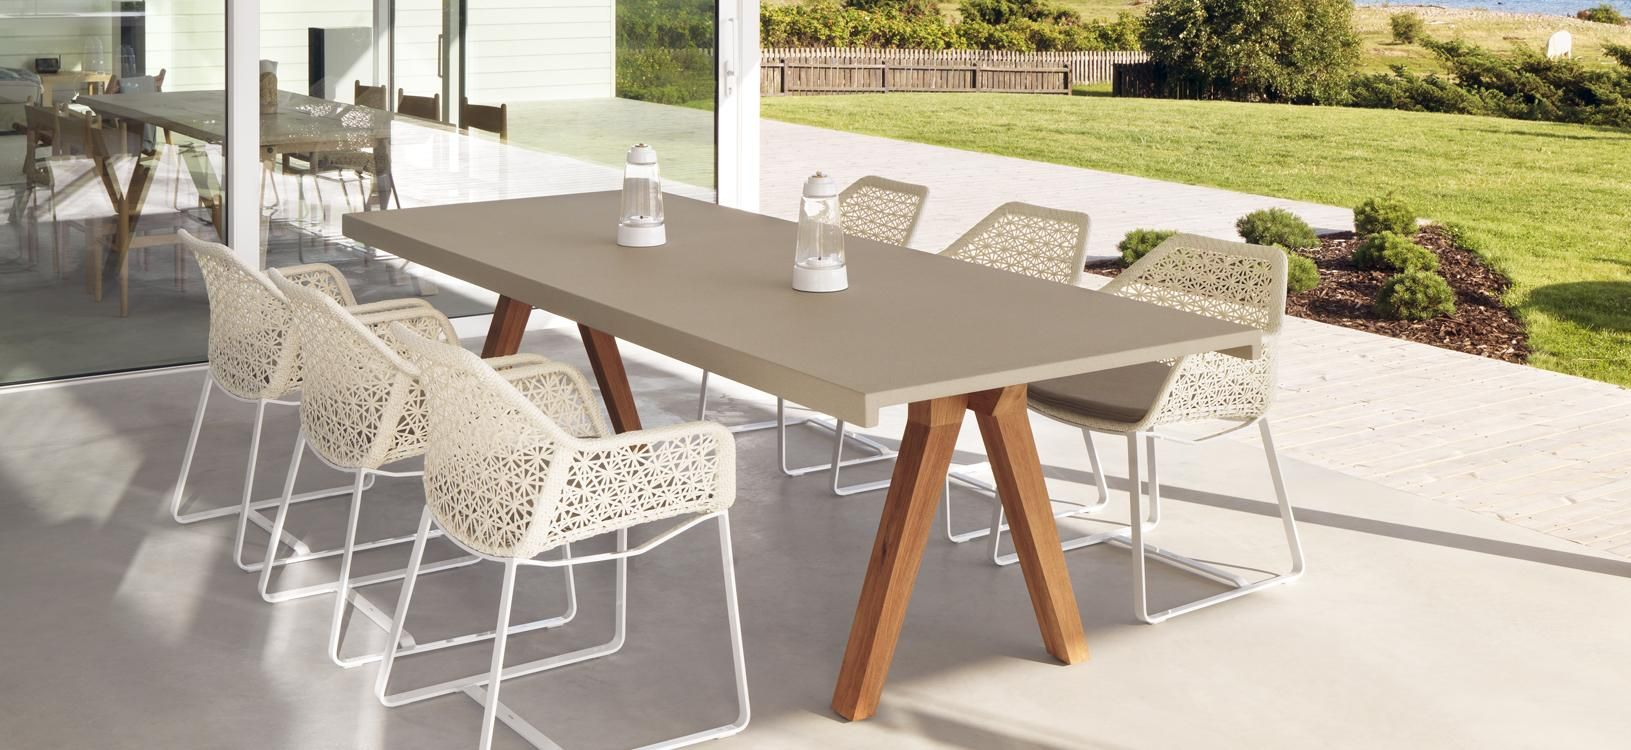 Comedor exterior | CG-Velazquez | Muebles, Muebles de comedor y ...